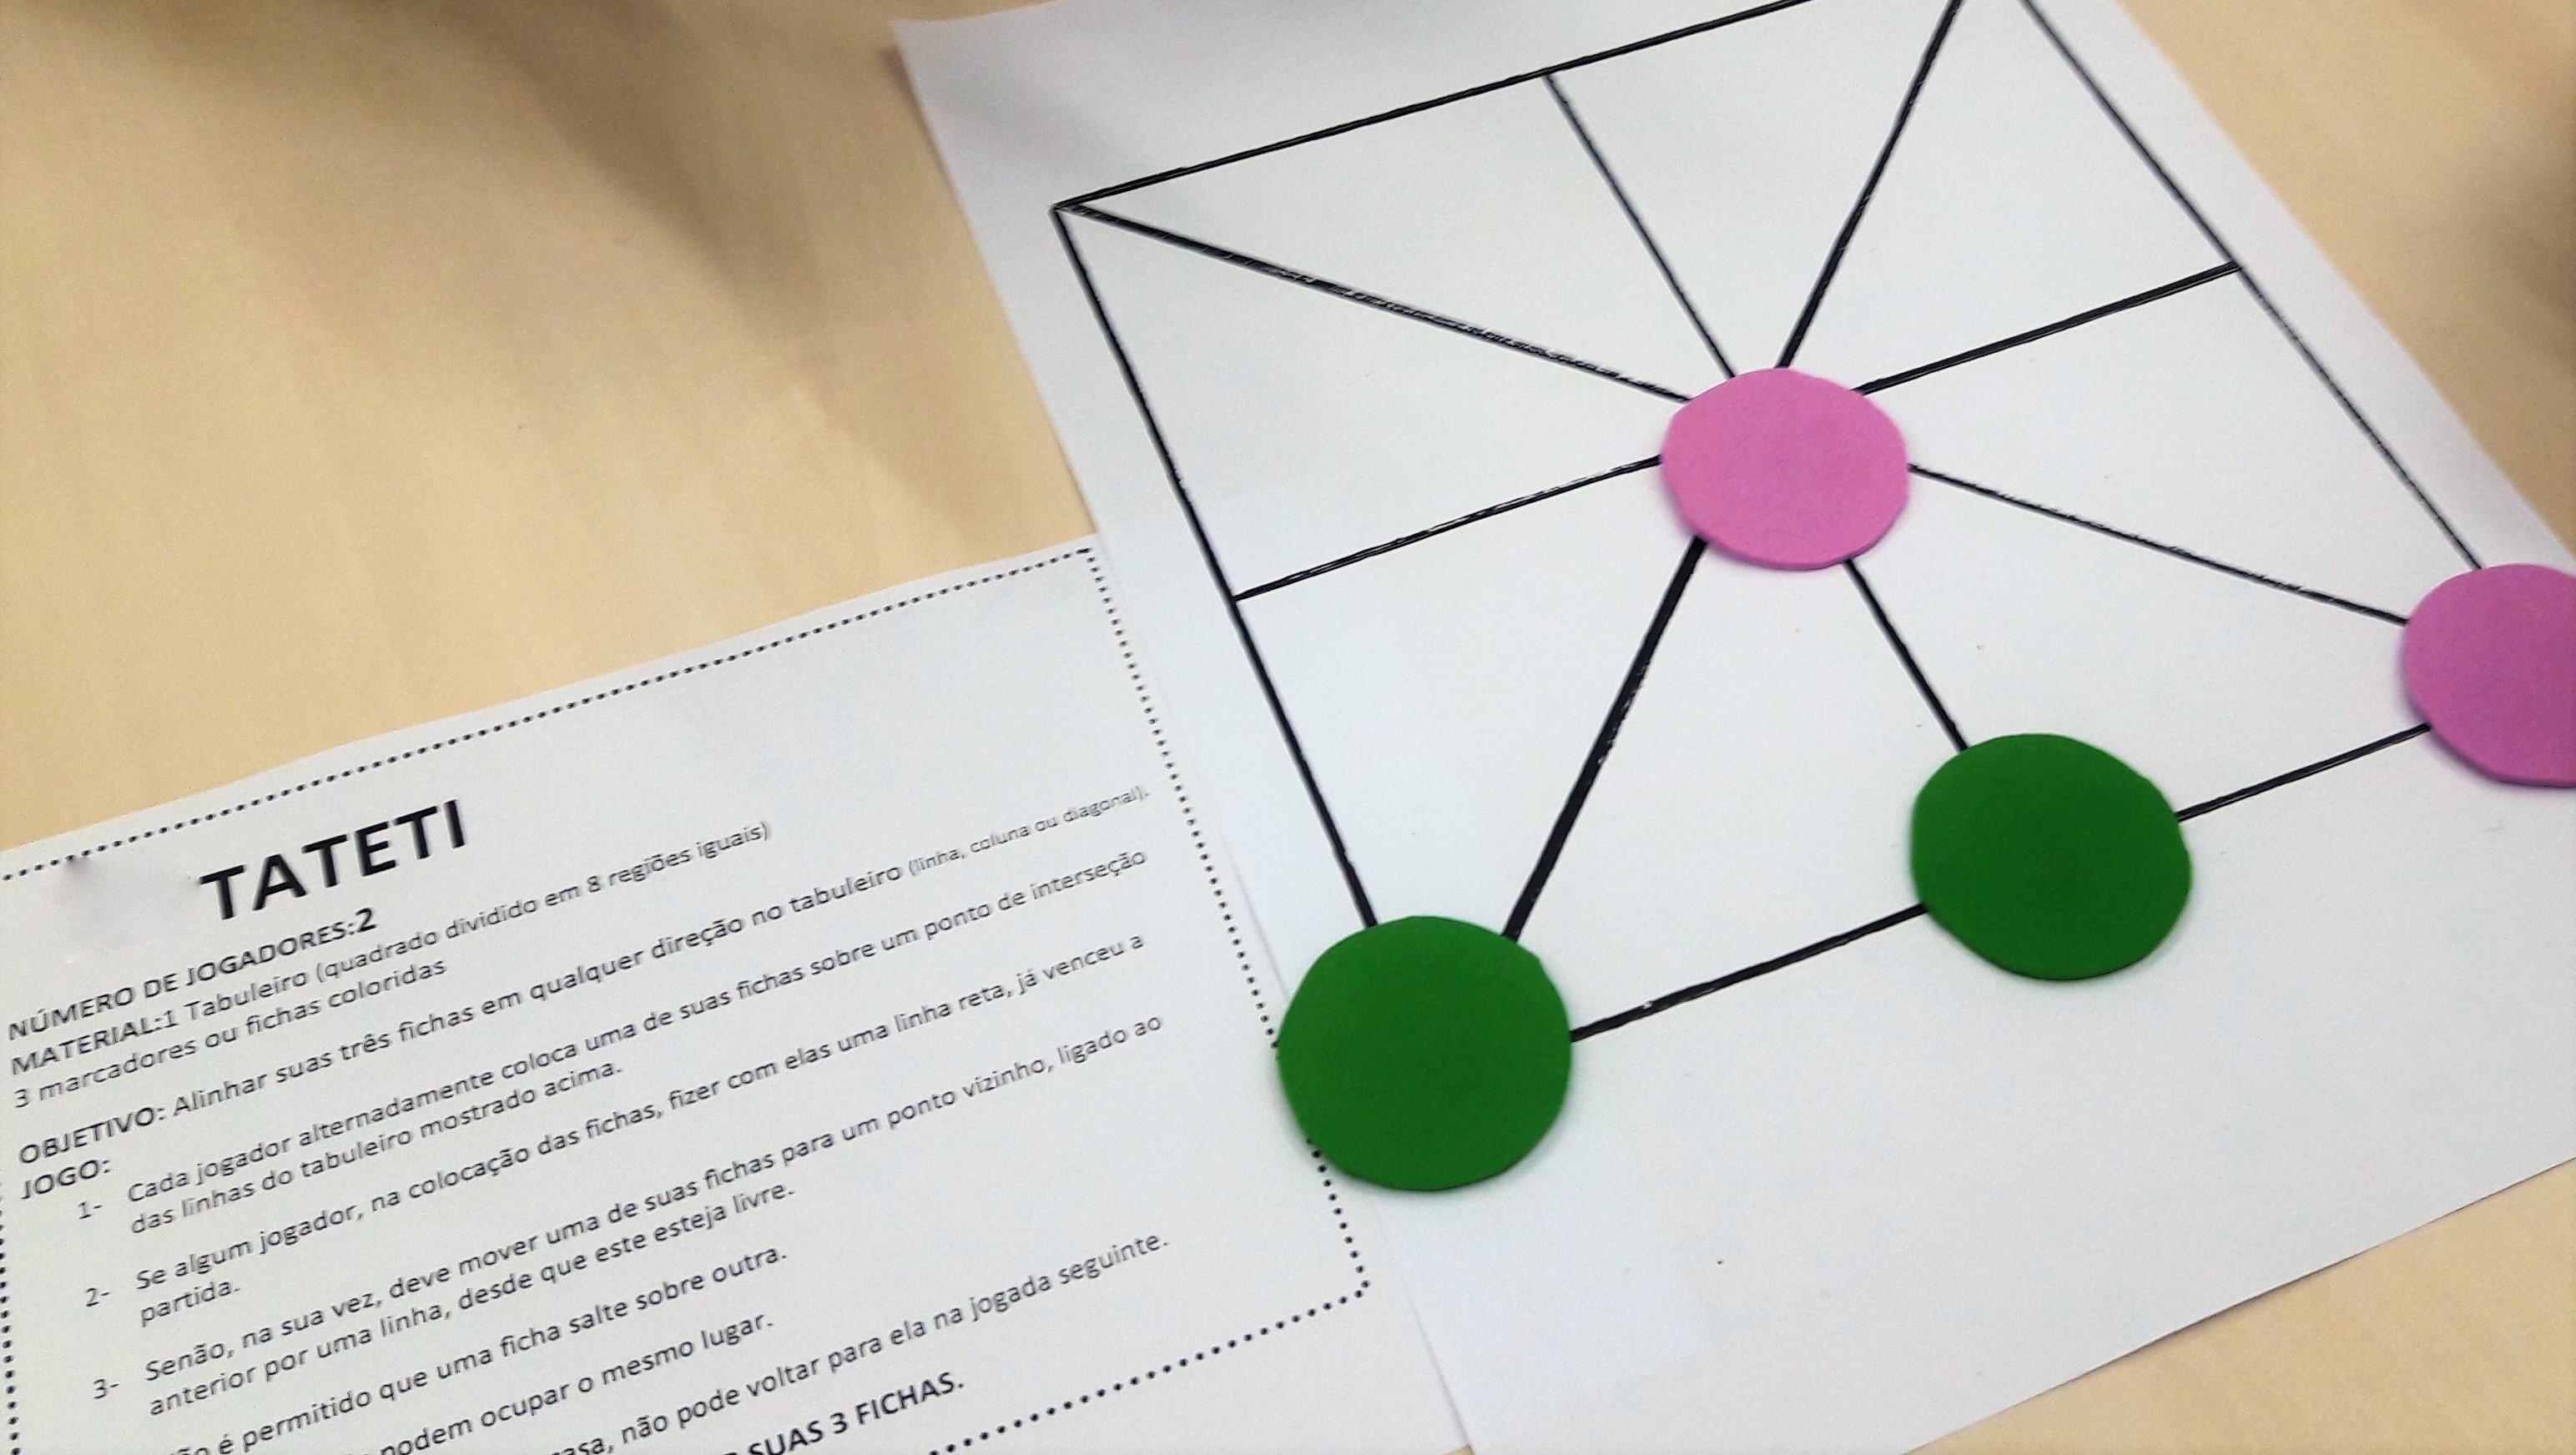 Baixe grátis o Jogo TATETI para criar estratégias e rapidez de pensamento 1